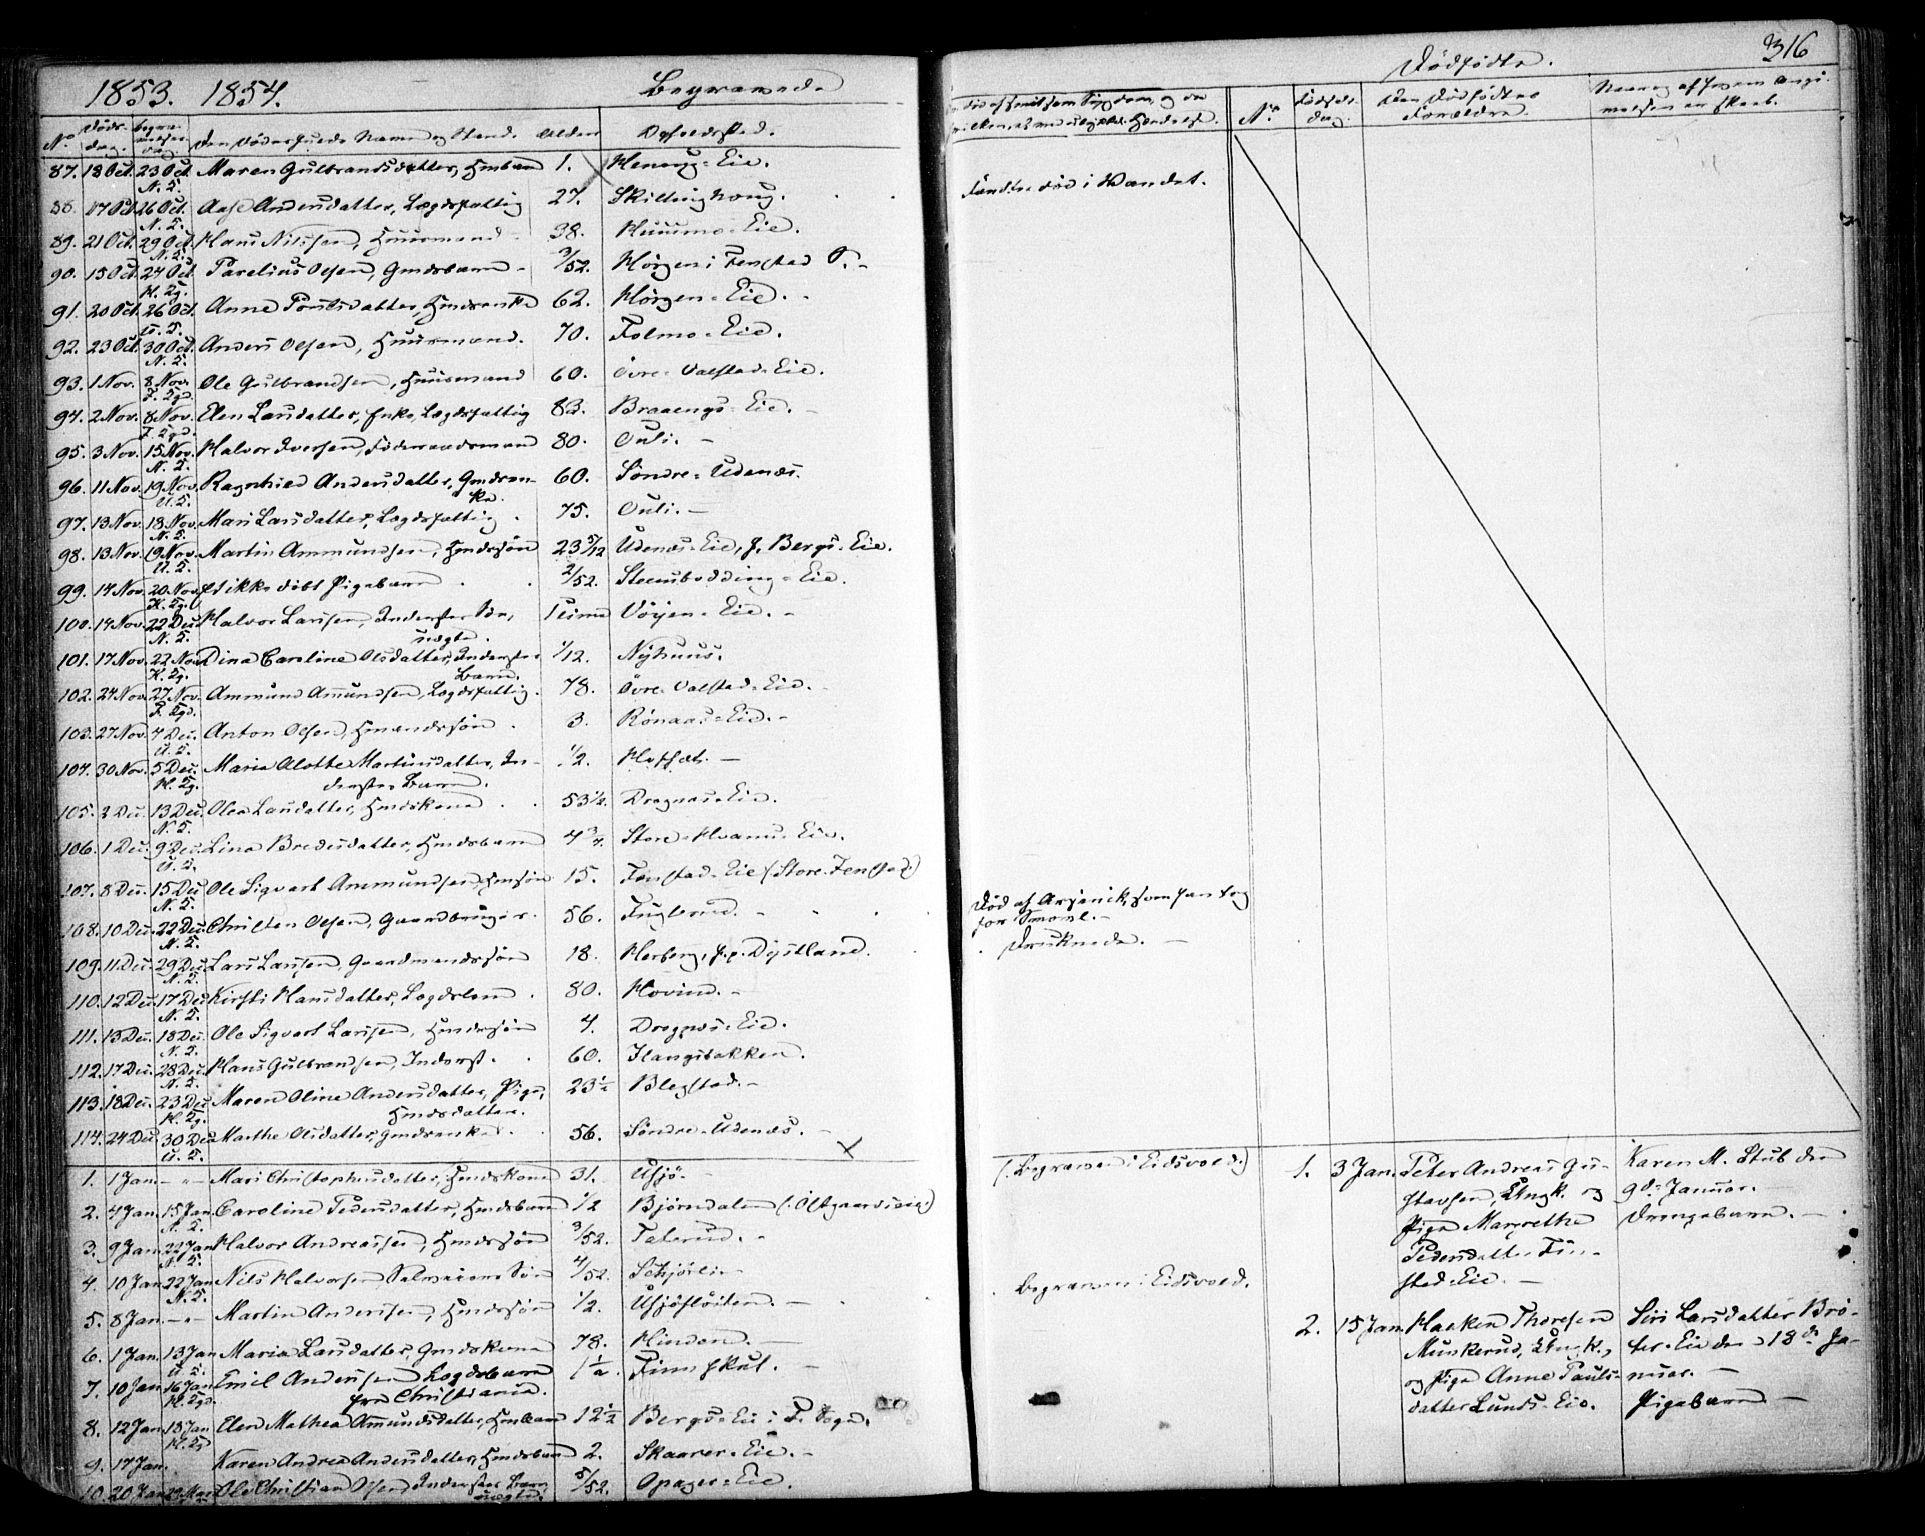 SAO, Nes prestekontor Kirkebøker, F/Fa/L0007: Ministerialbok nr. I 7, 1846-1858, s. 316